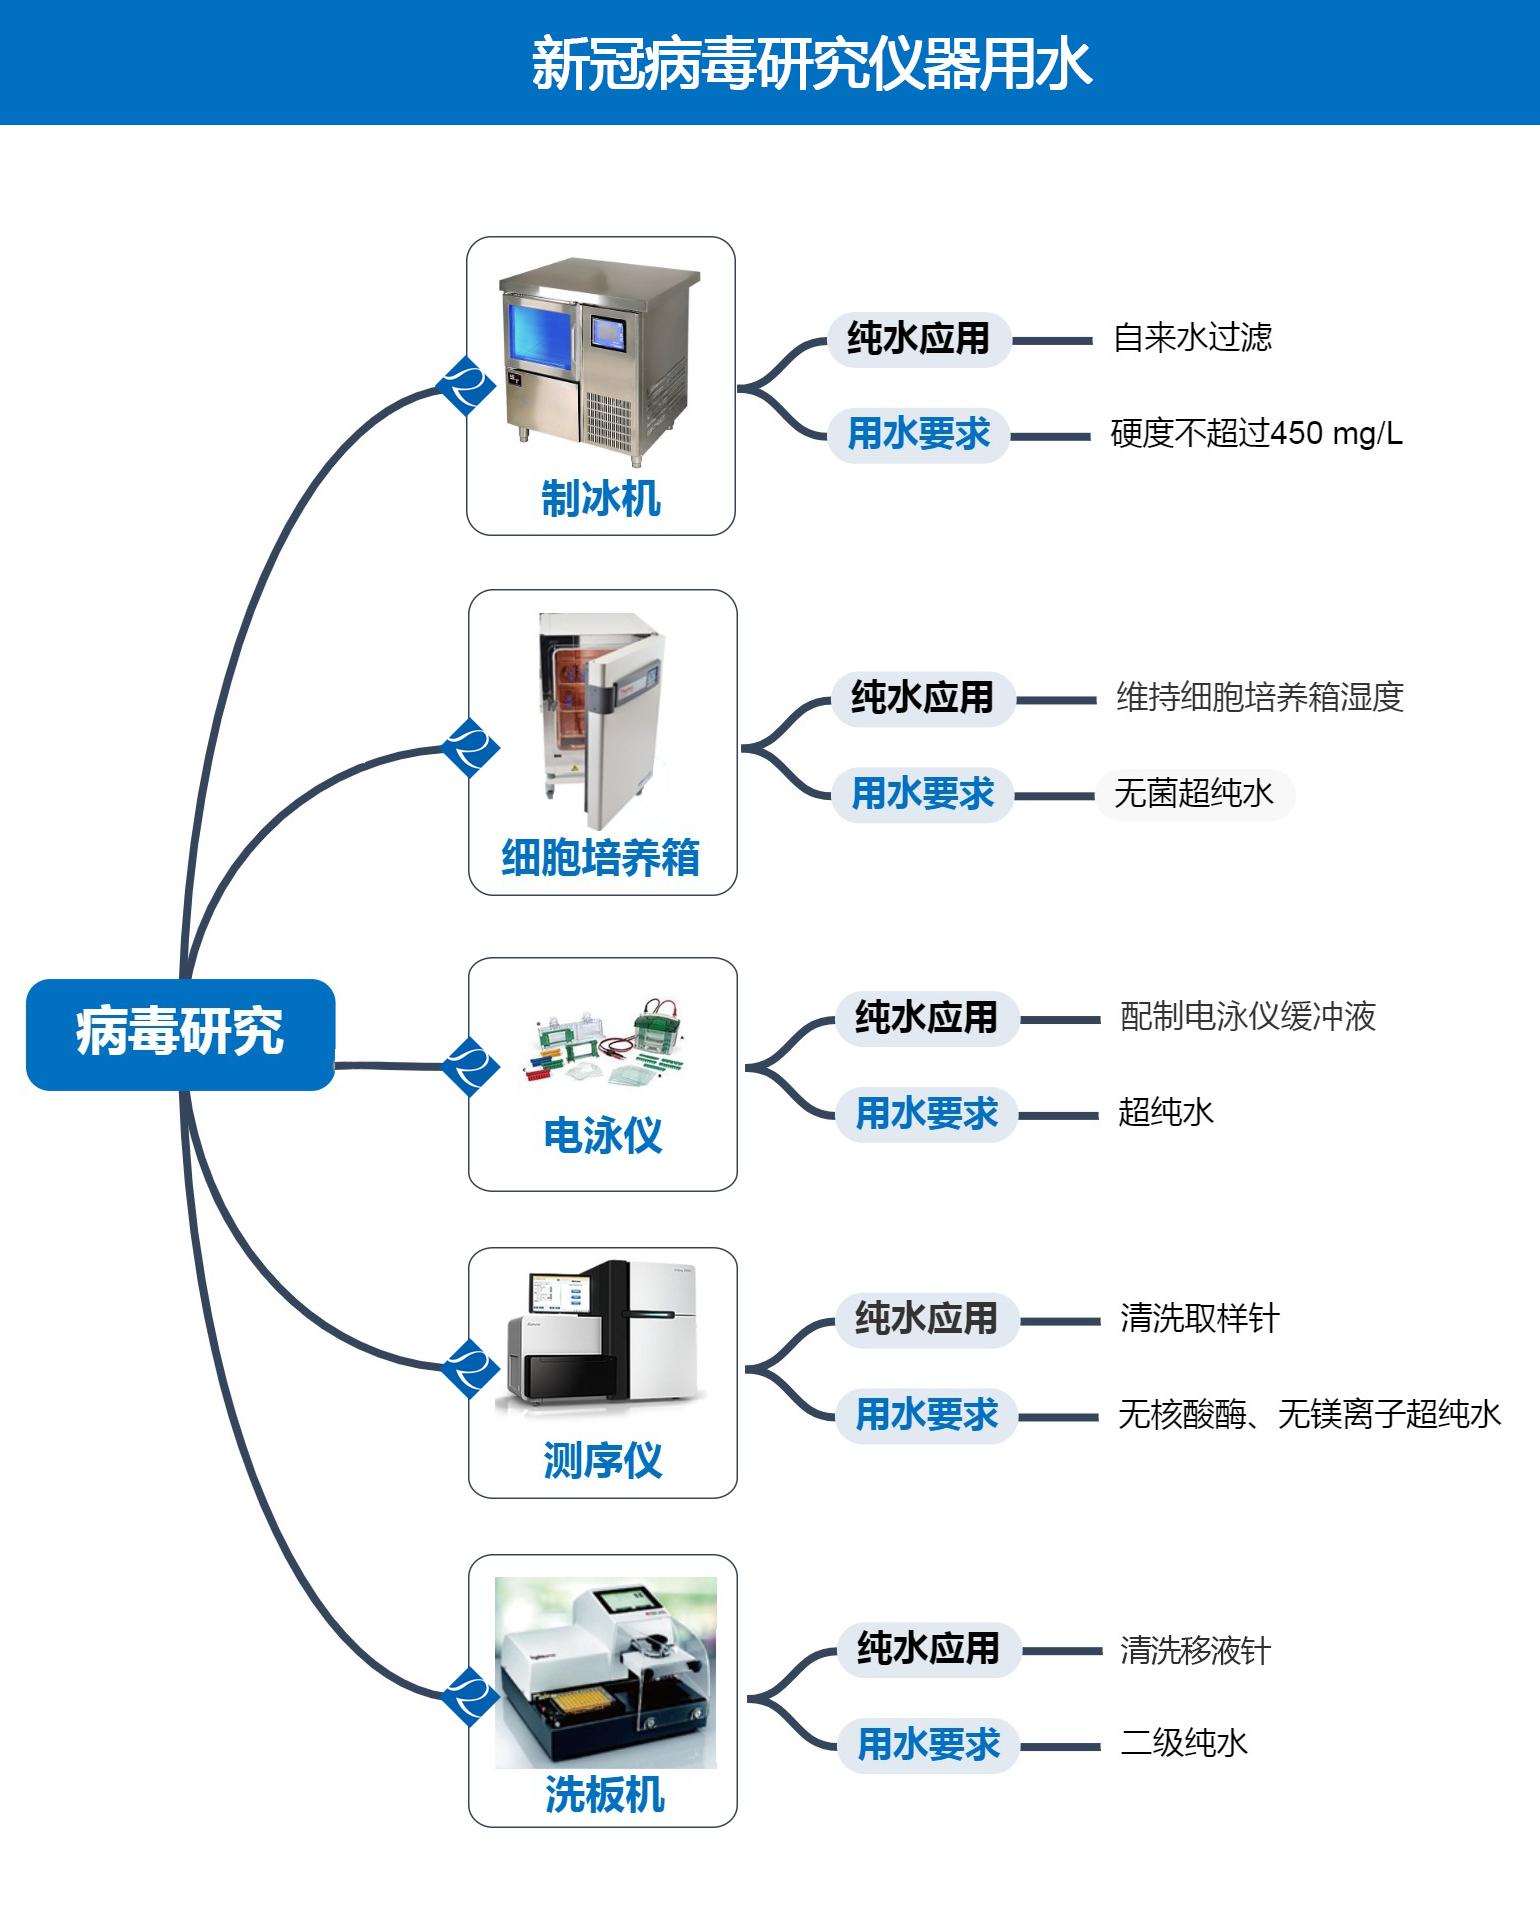 病毒研究中仪器用水的选择